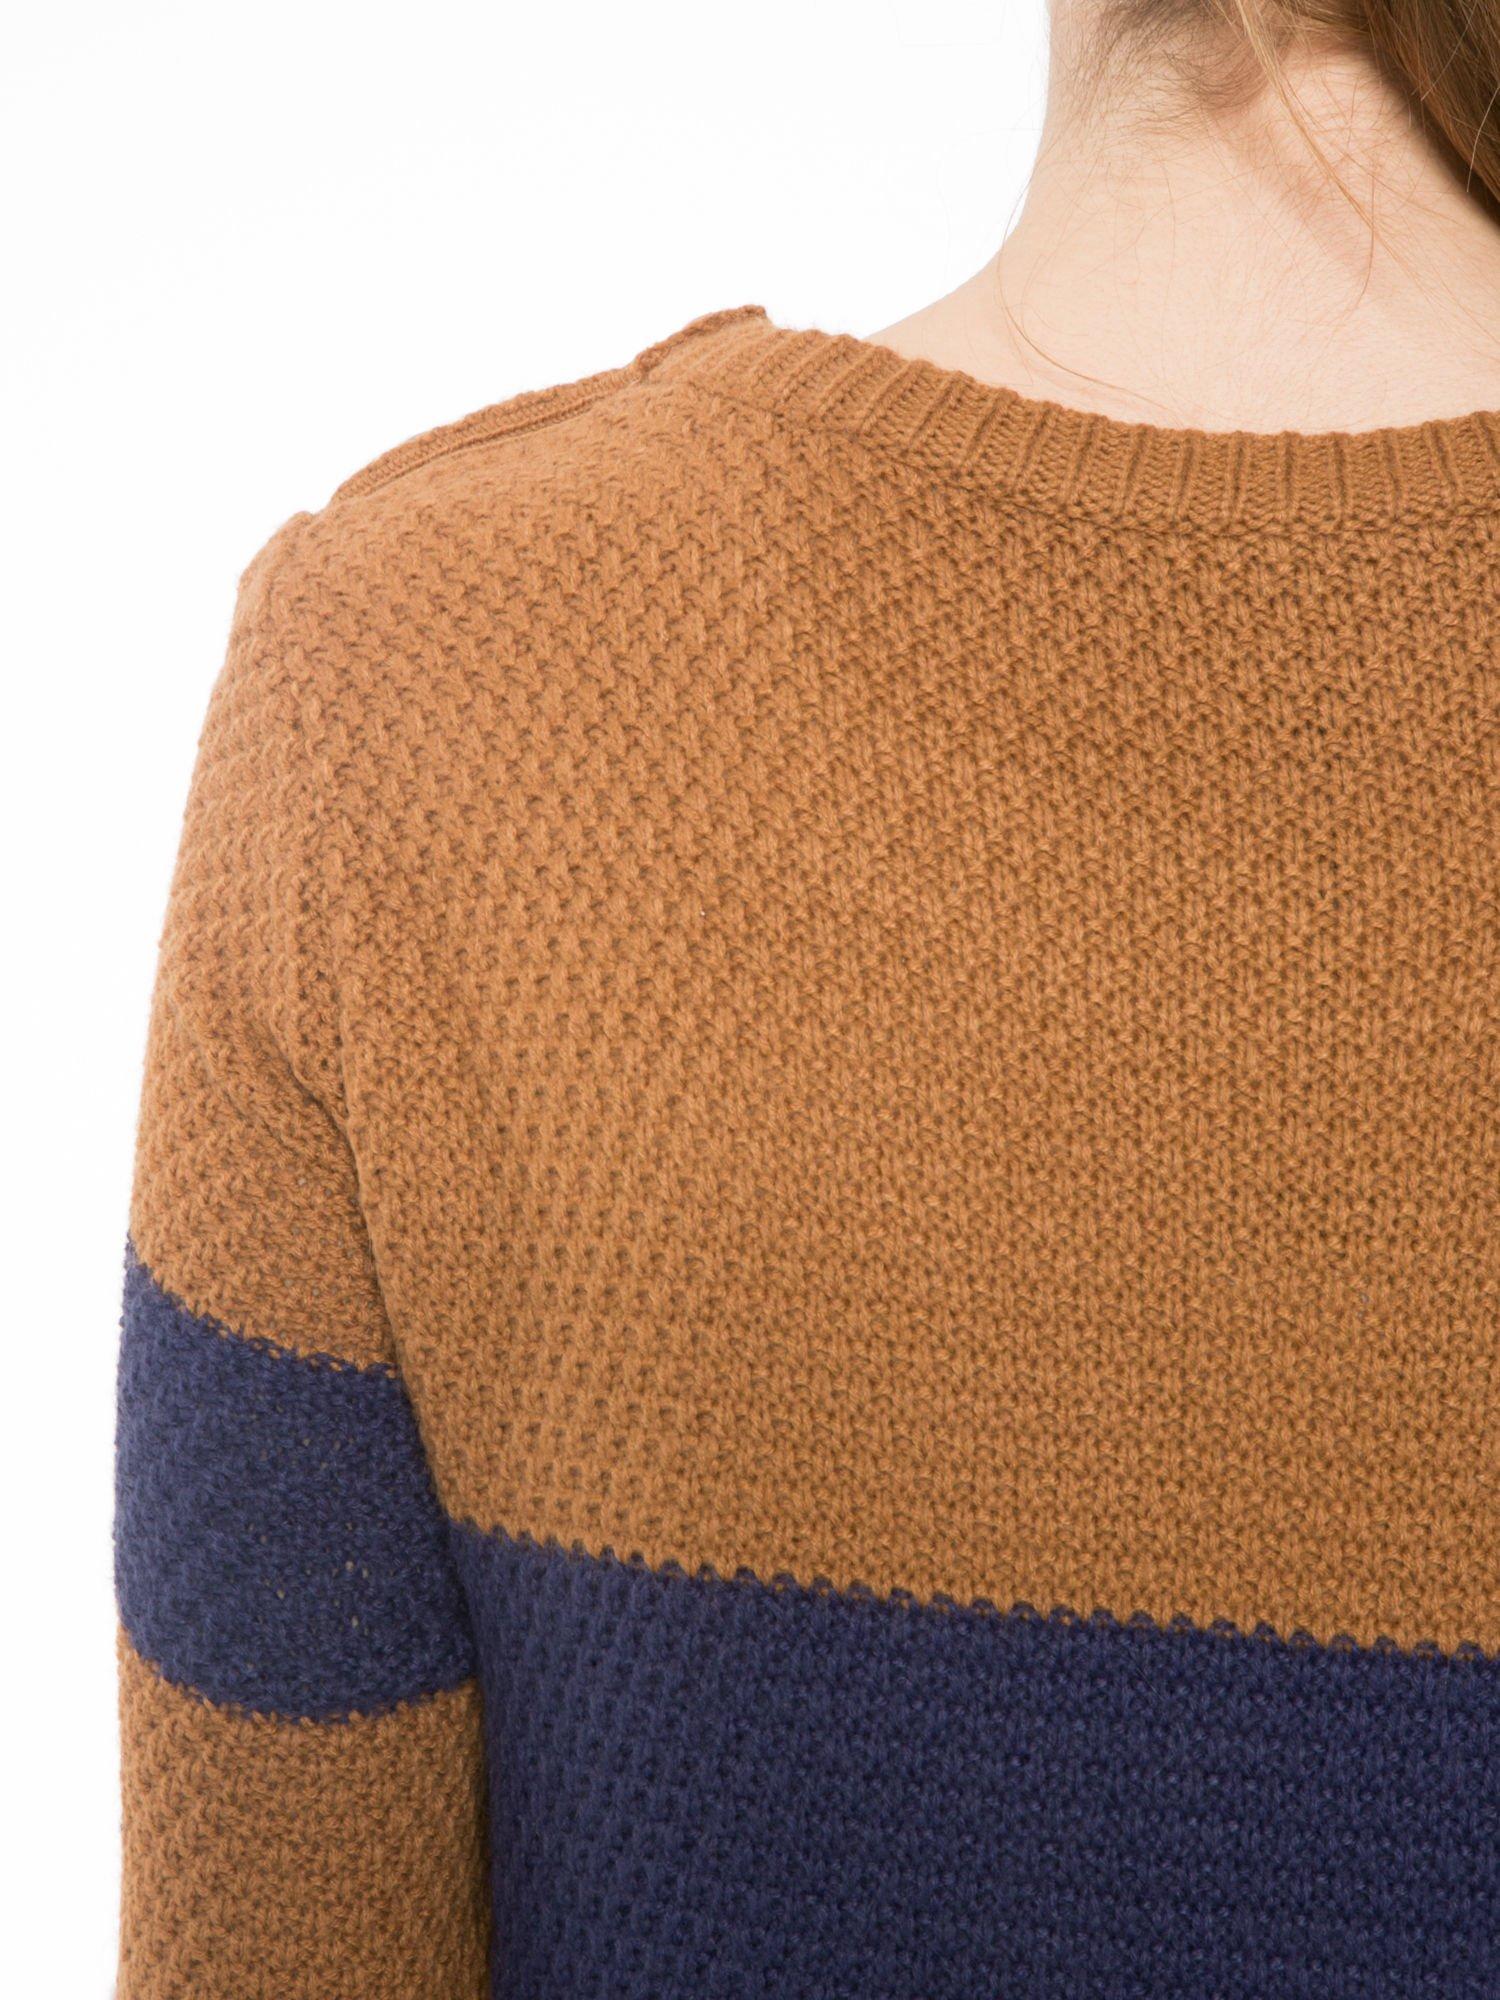 Brązowo-granatowy długi sweter w paski z guziczkami przy ramionach                                  zdj.                                  7